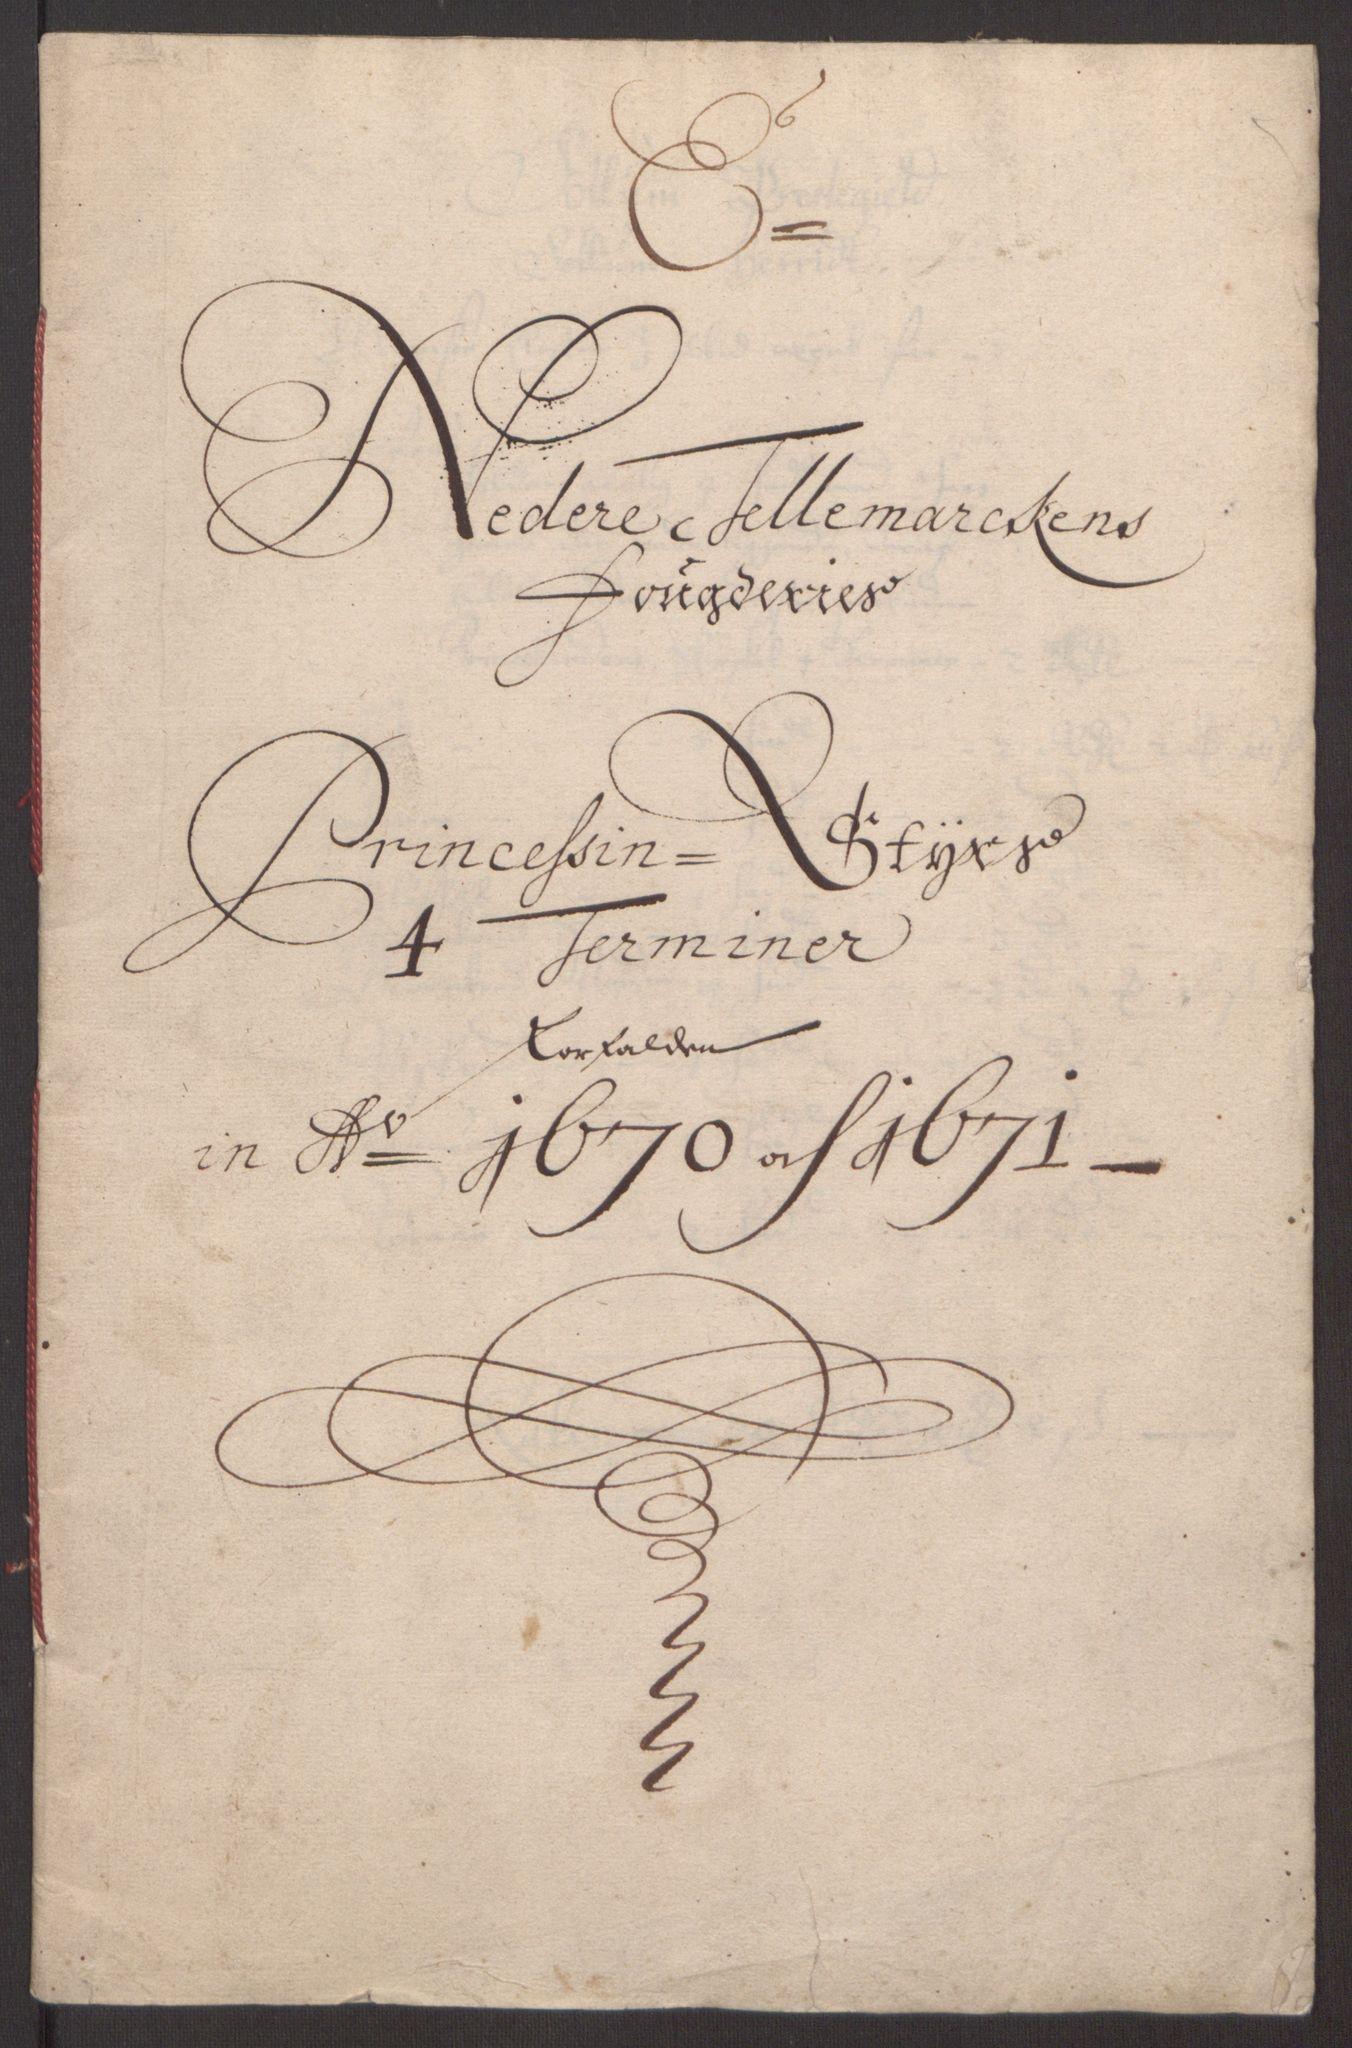 RA, Rentekammeret inntil 1814, Reviderte regnskaper, Fogderegnskap, R35/L2060: Fogderegnskap Øvre og Nedre Telemark, 1671-1672, s. 200